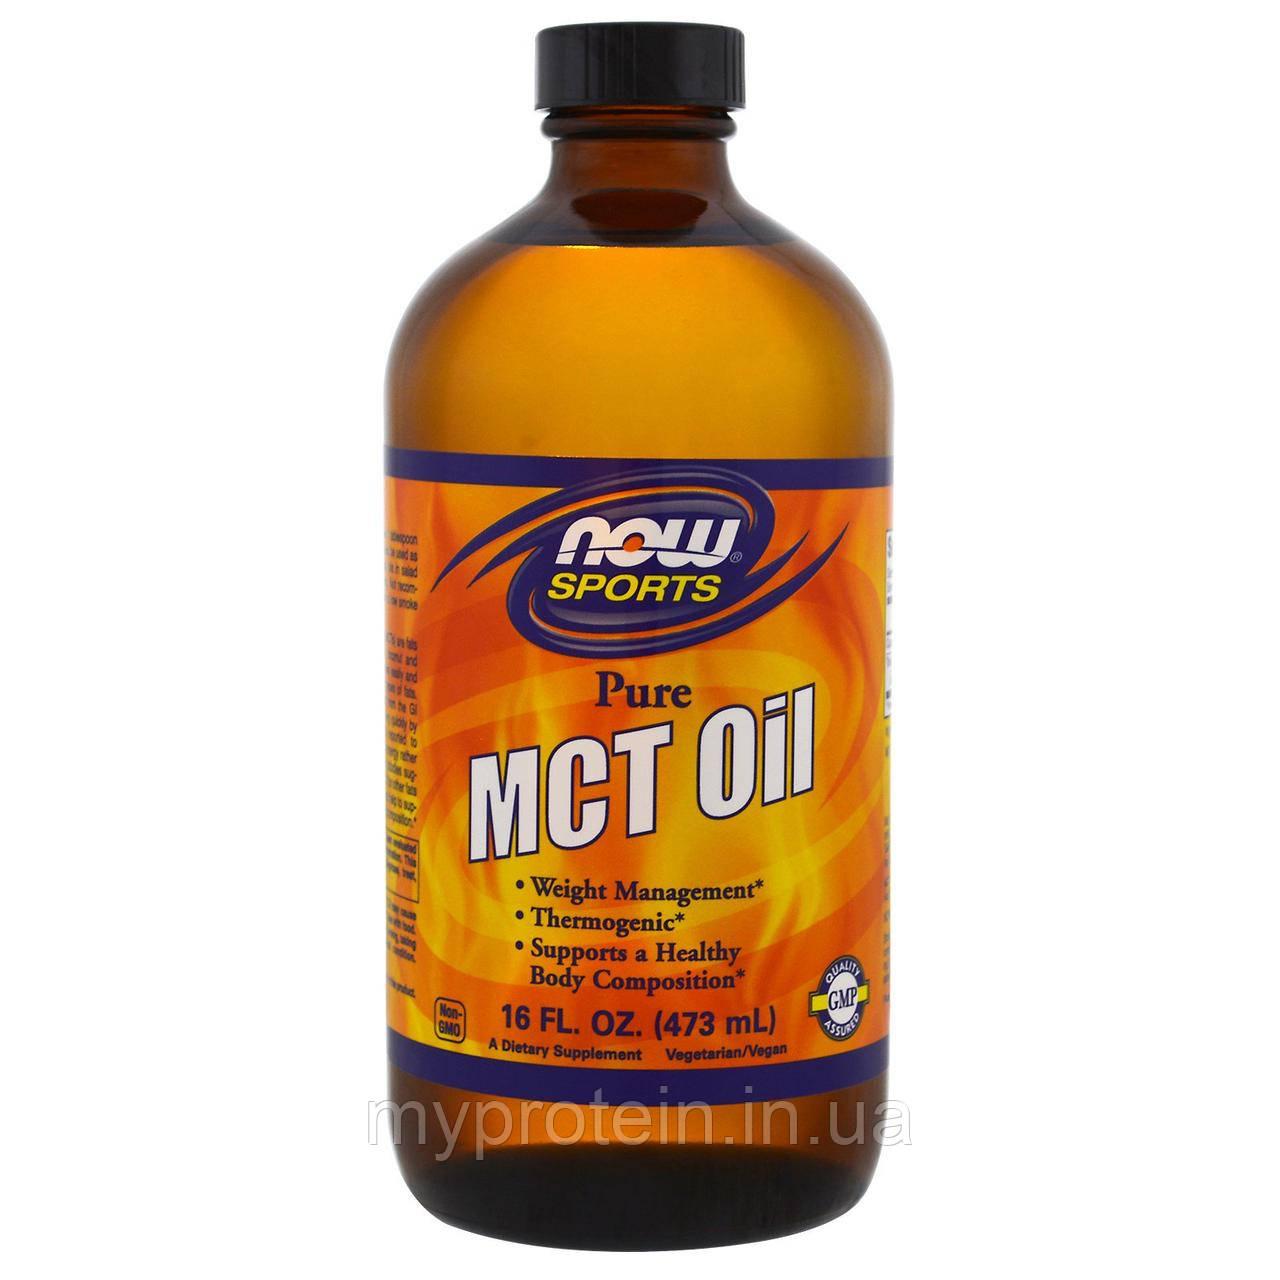 NOW масло со среднецепочечными триглицеридами MCT Oil 473 ml